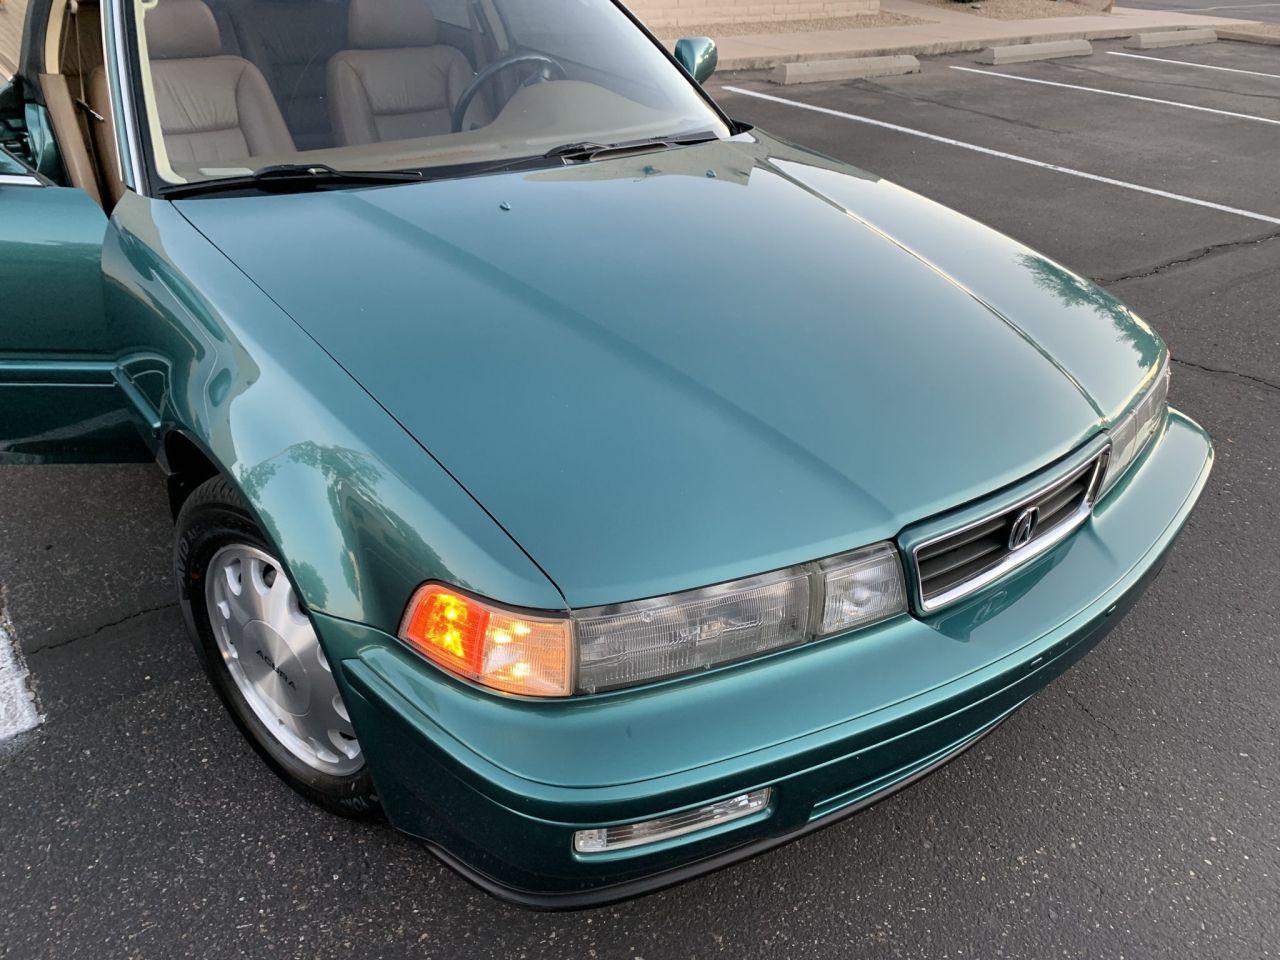 Honda / Acura Vigor GS 2.5L de 1994 - 5 cylindres dans une Honda ! 6